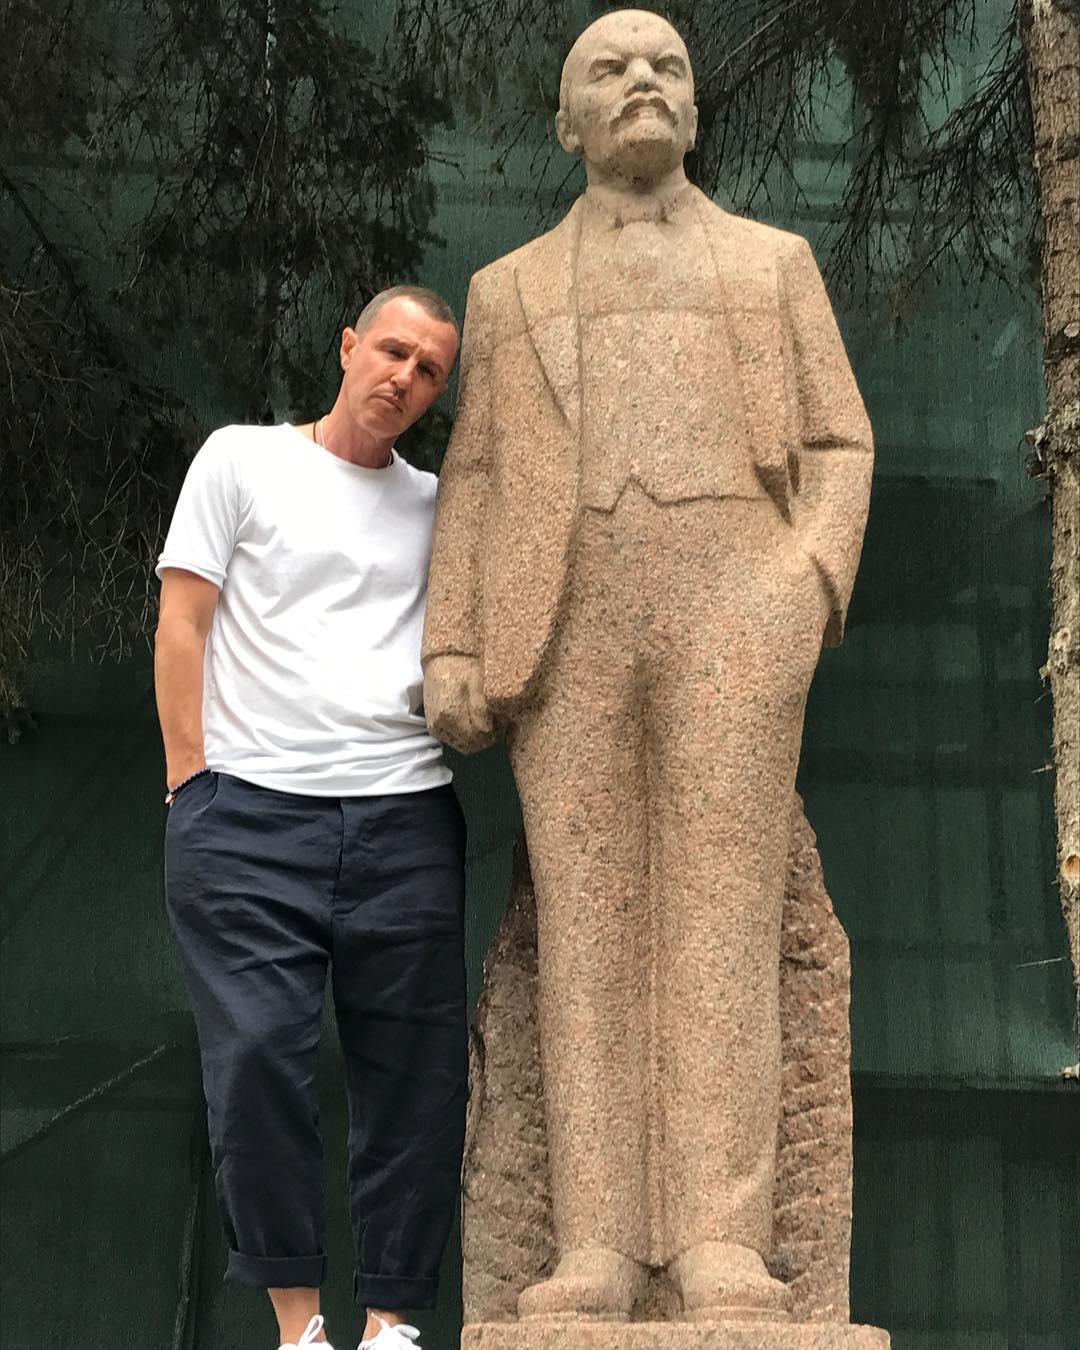 Игорь Верник решил честно рассказать про свою жизнь и показал, с кем живет, как живет, о чем мечтает